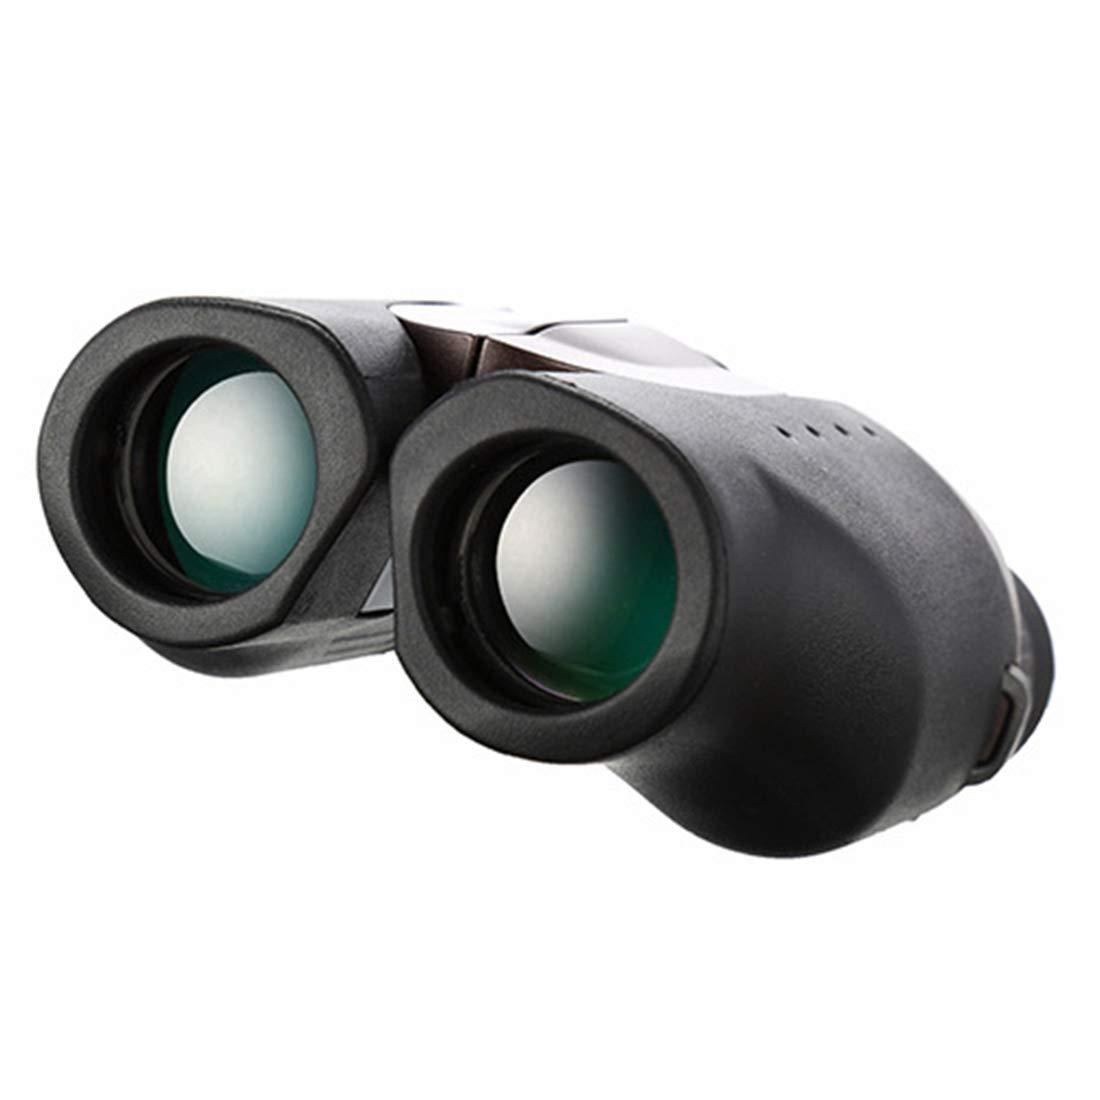 FELICIOO Binoculares 8X25 Gafas portátiles HD portátiles para Uso Uso Uso en Exteriores (Color : Negro) ae0498